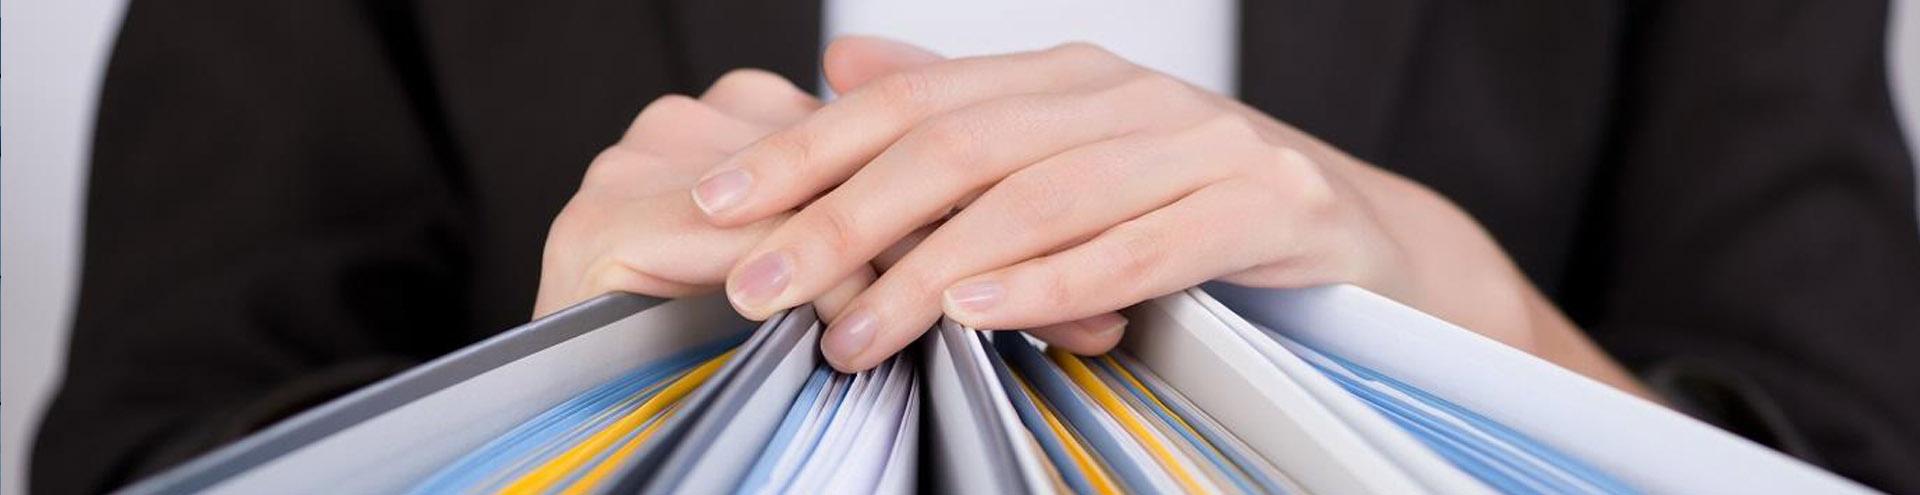 Подготовка арбитражных документов в Ижевске и Удмуртской Республике